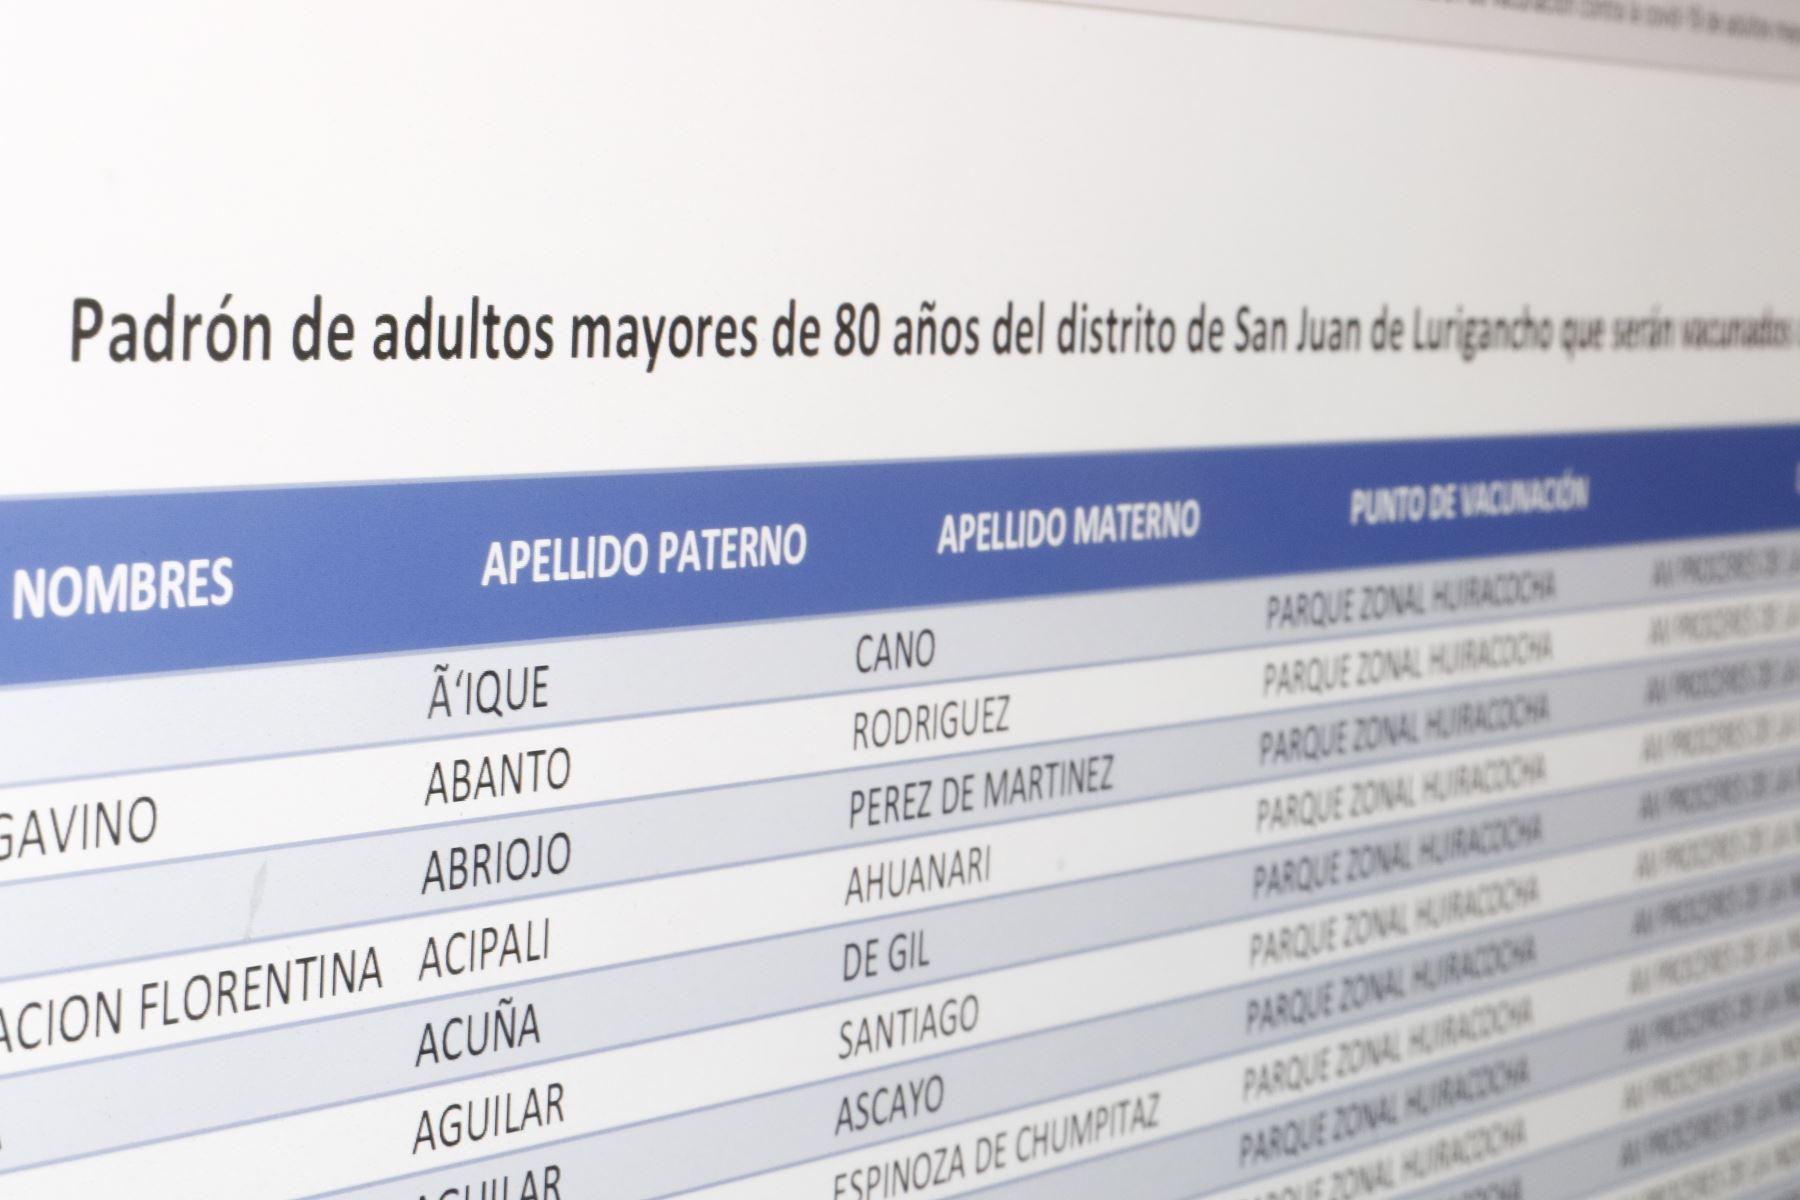 Padrón o listado de adultos mayores de 80 años que se vacunarán en San Juan de Lurigancho ya ha sido difundido por el Minsa. Foto:ANDINA